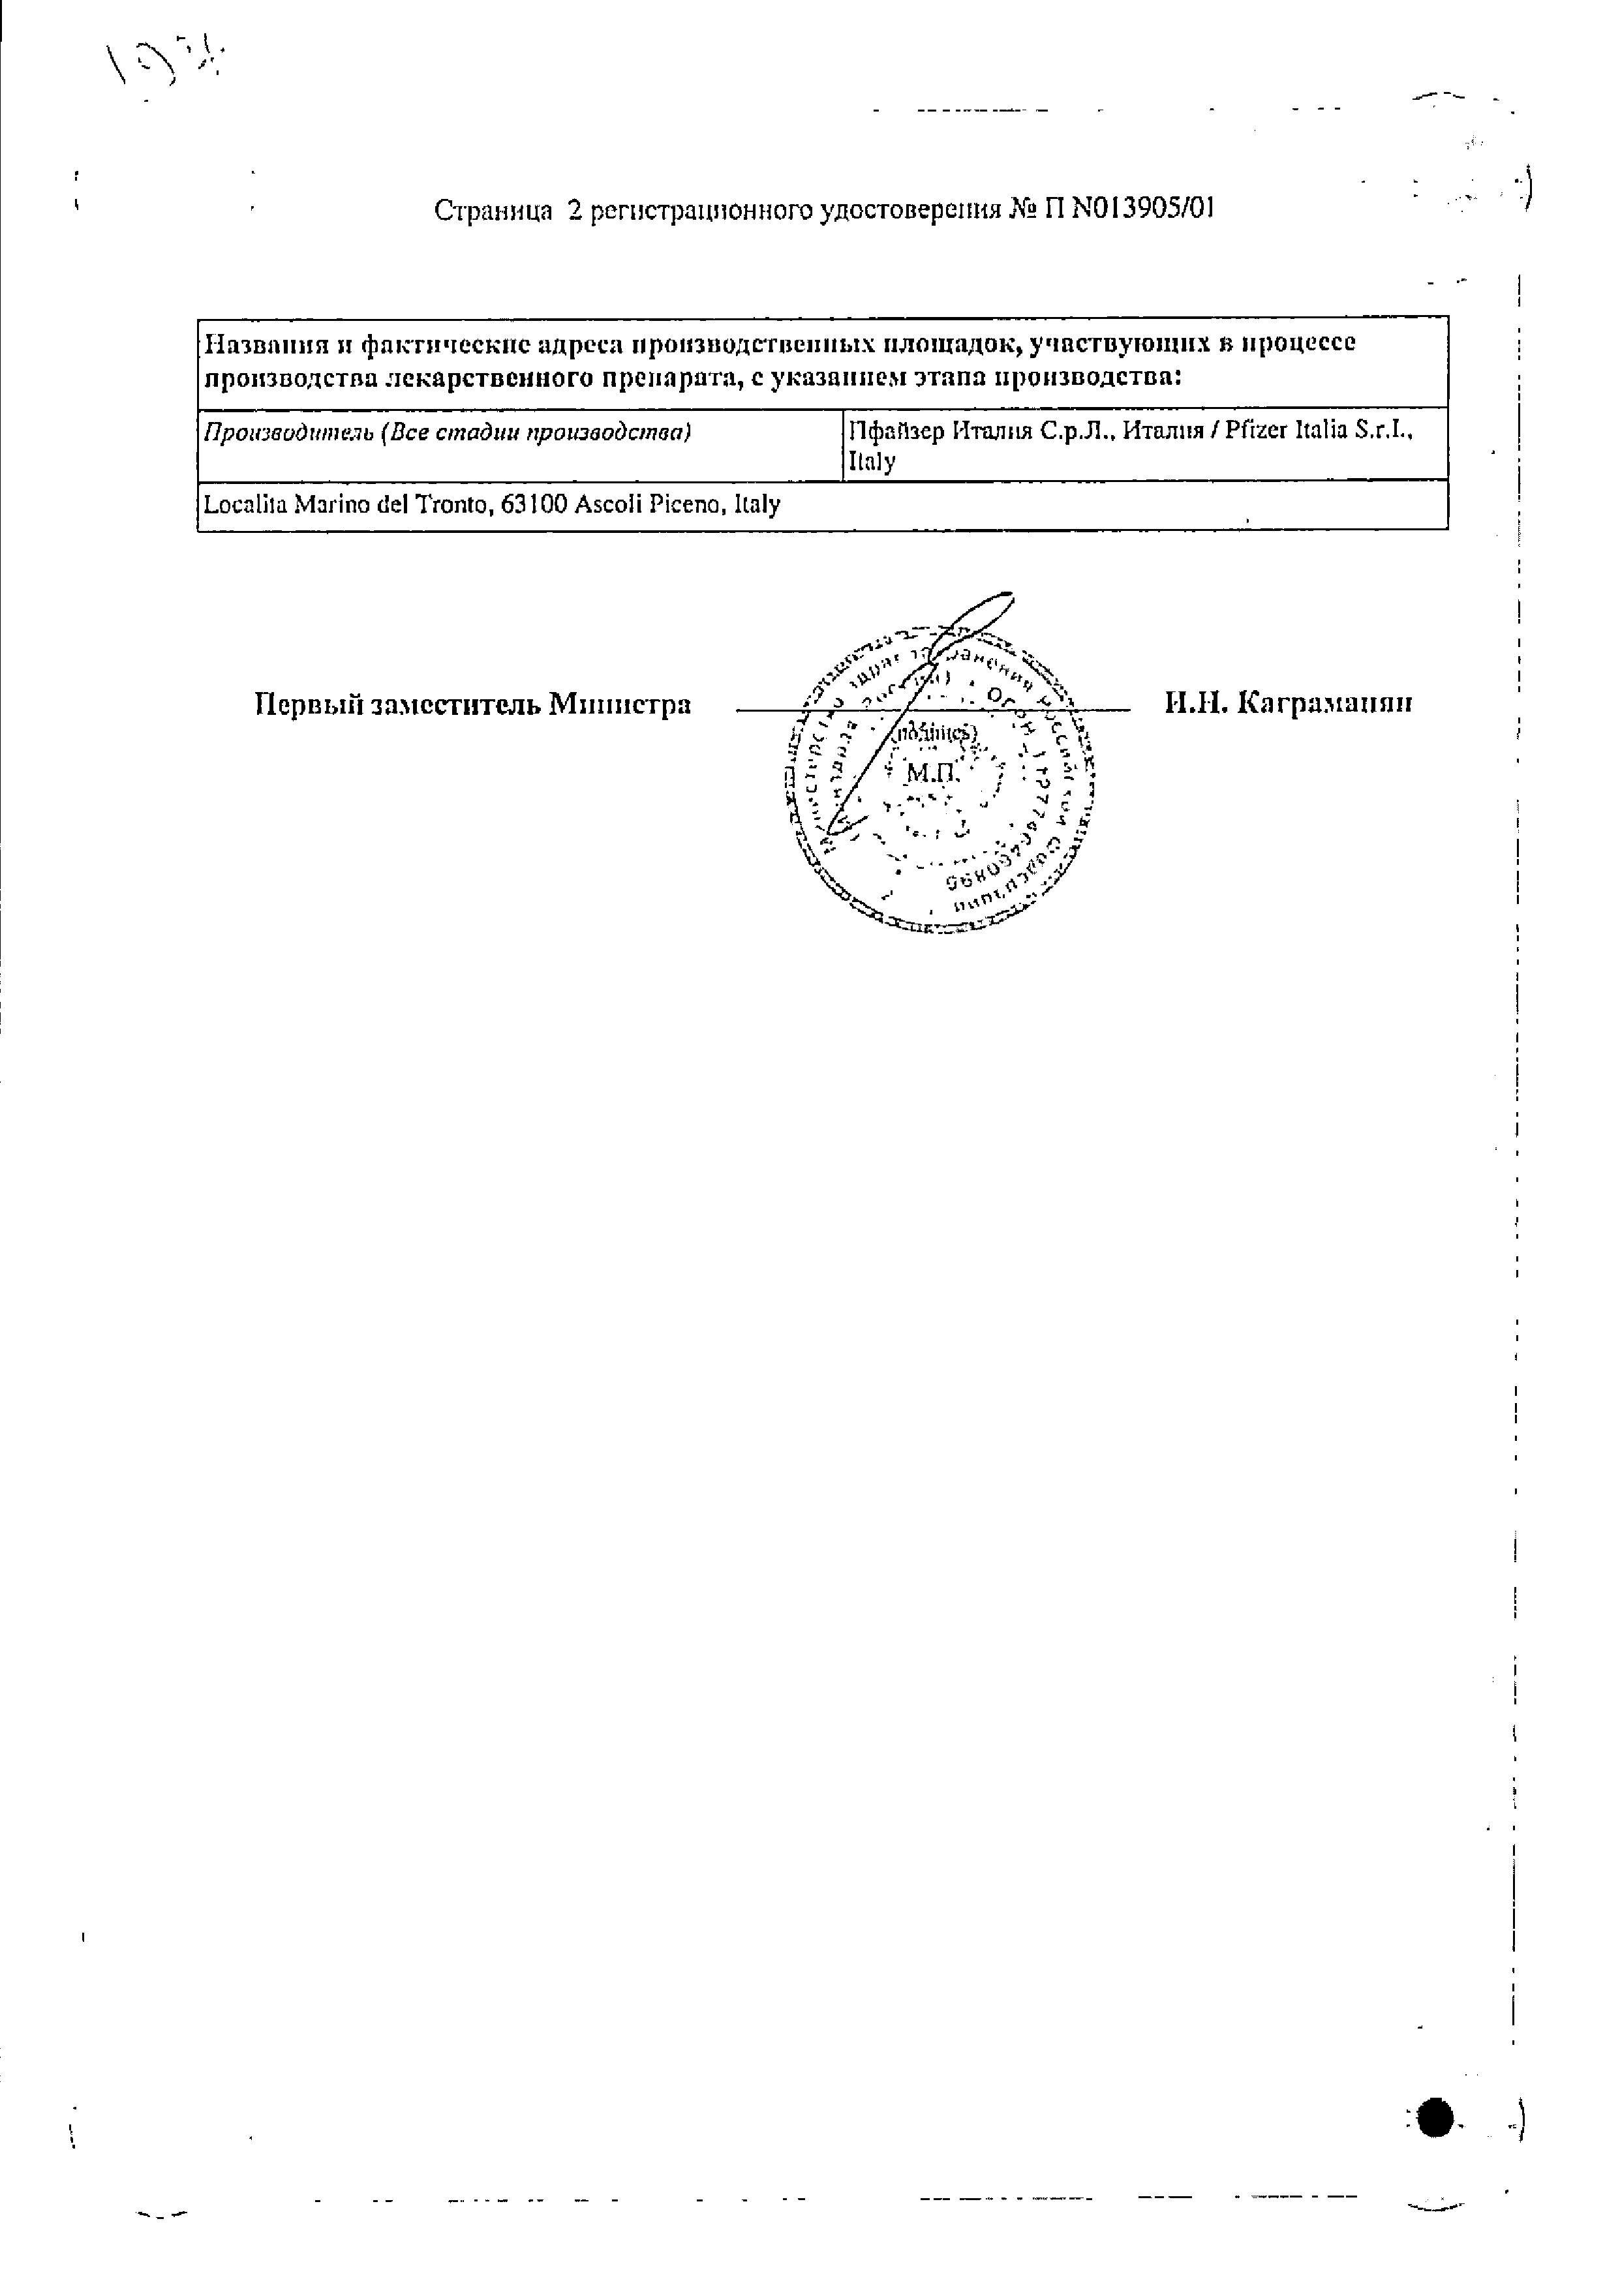 Достинекс сертификат